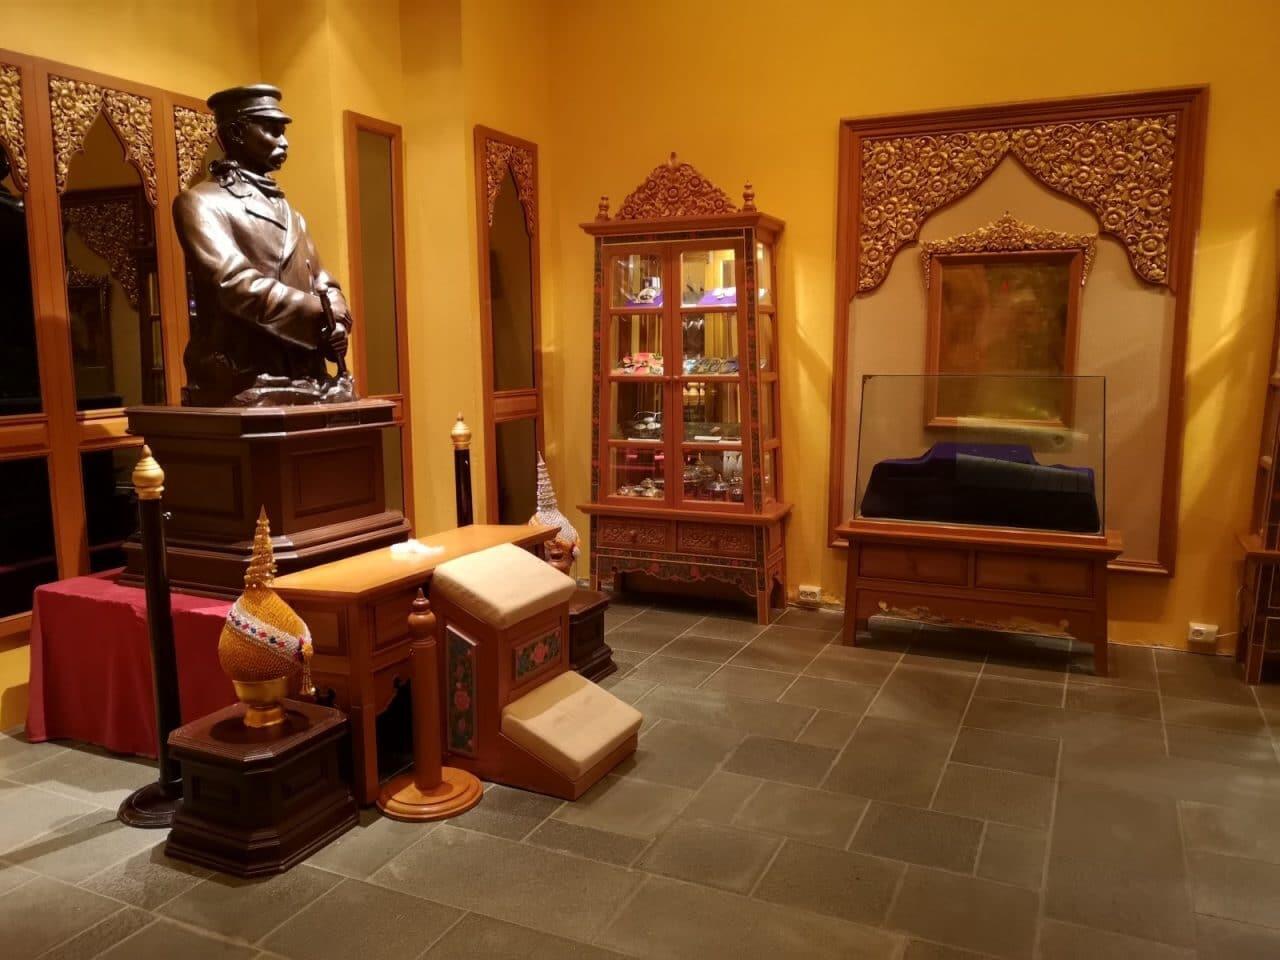 Jokamies-Teslalla-talvella-Nordkappiin-Thaimaan-museo